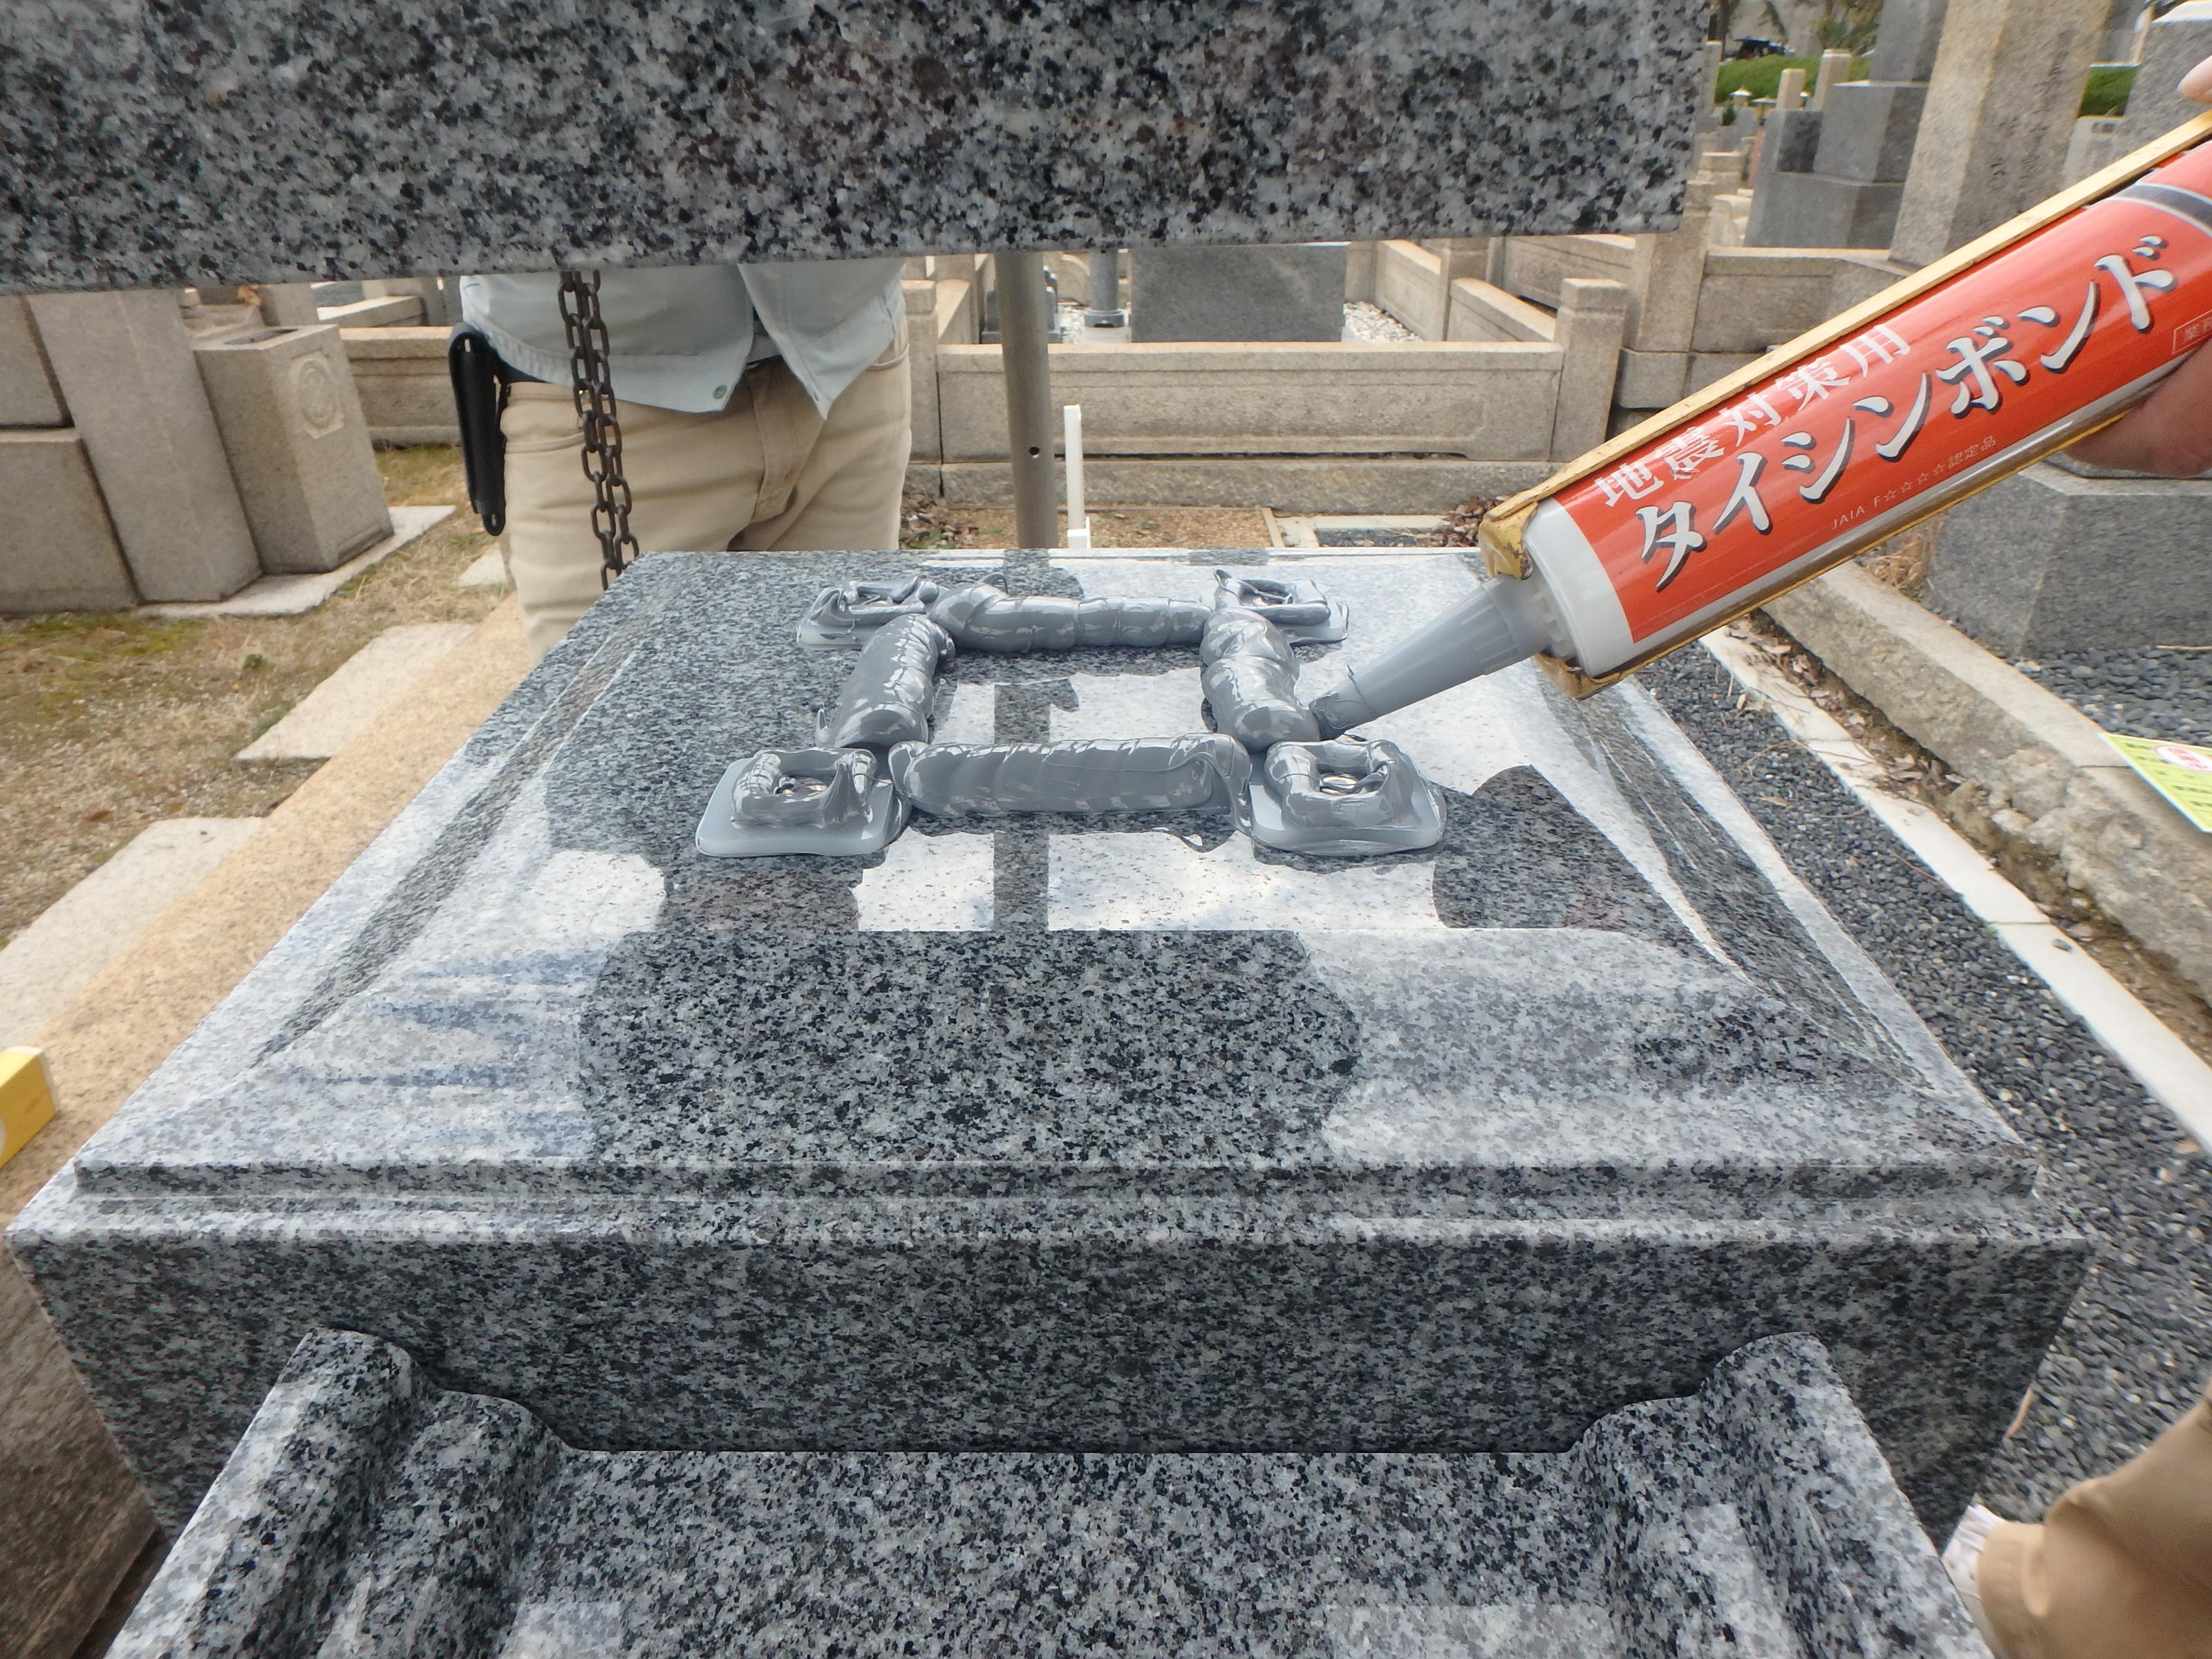 お墓施工例1-45 瓜破霊園 中国産石 黒龍K12Aを使ったお墓の詳細画像2